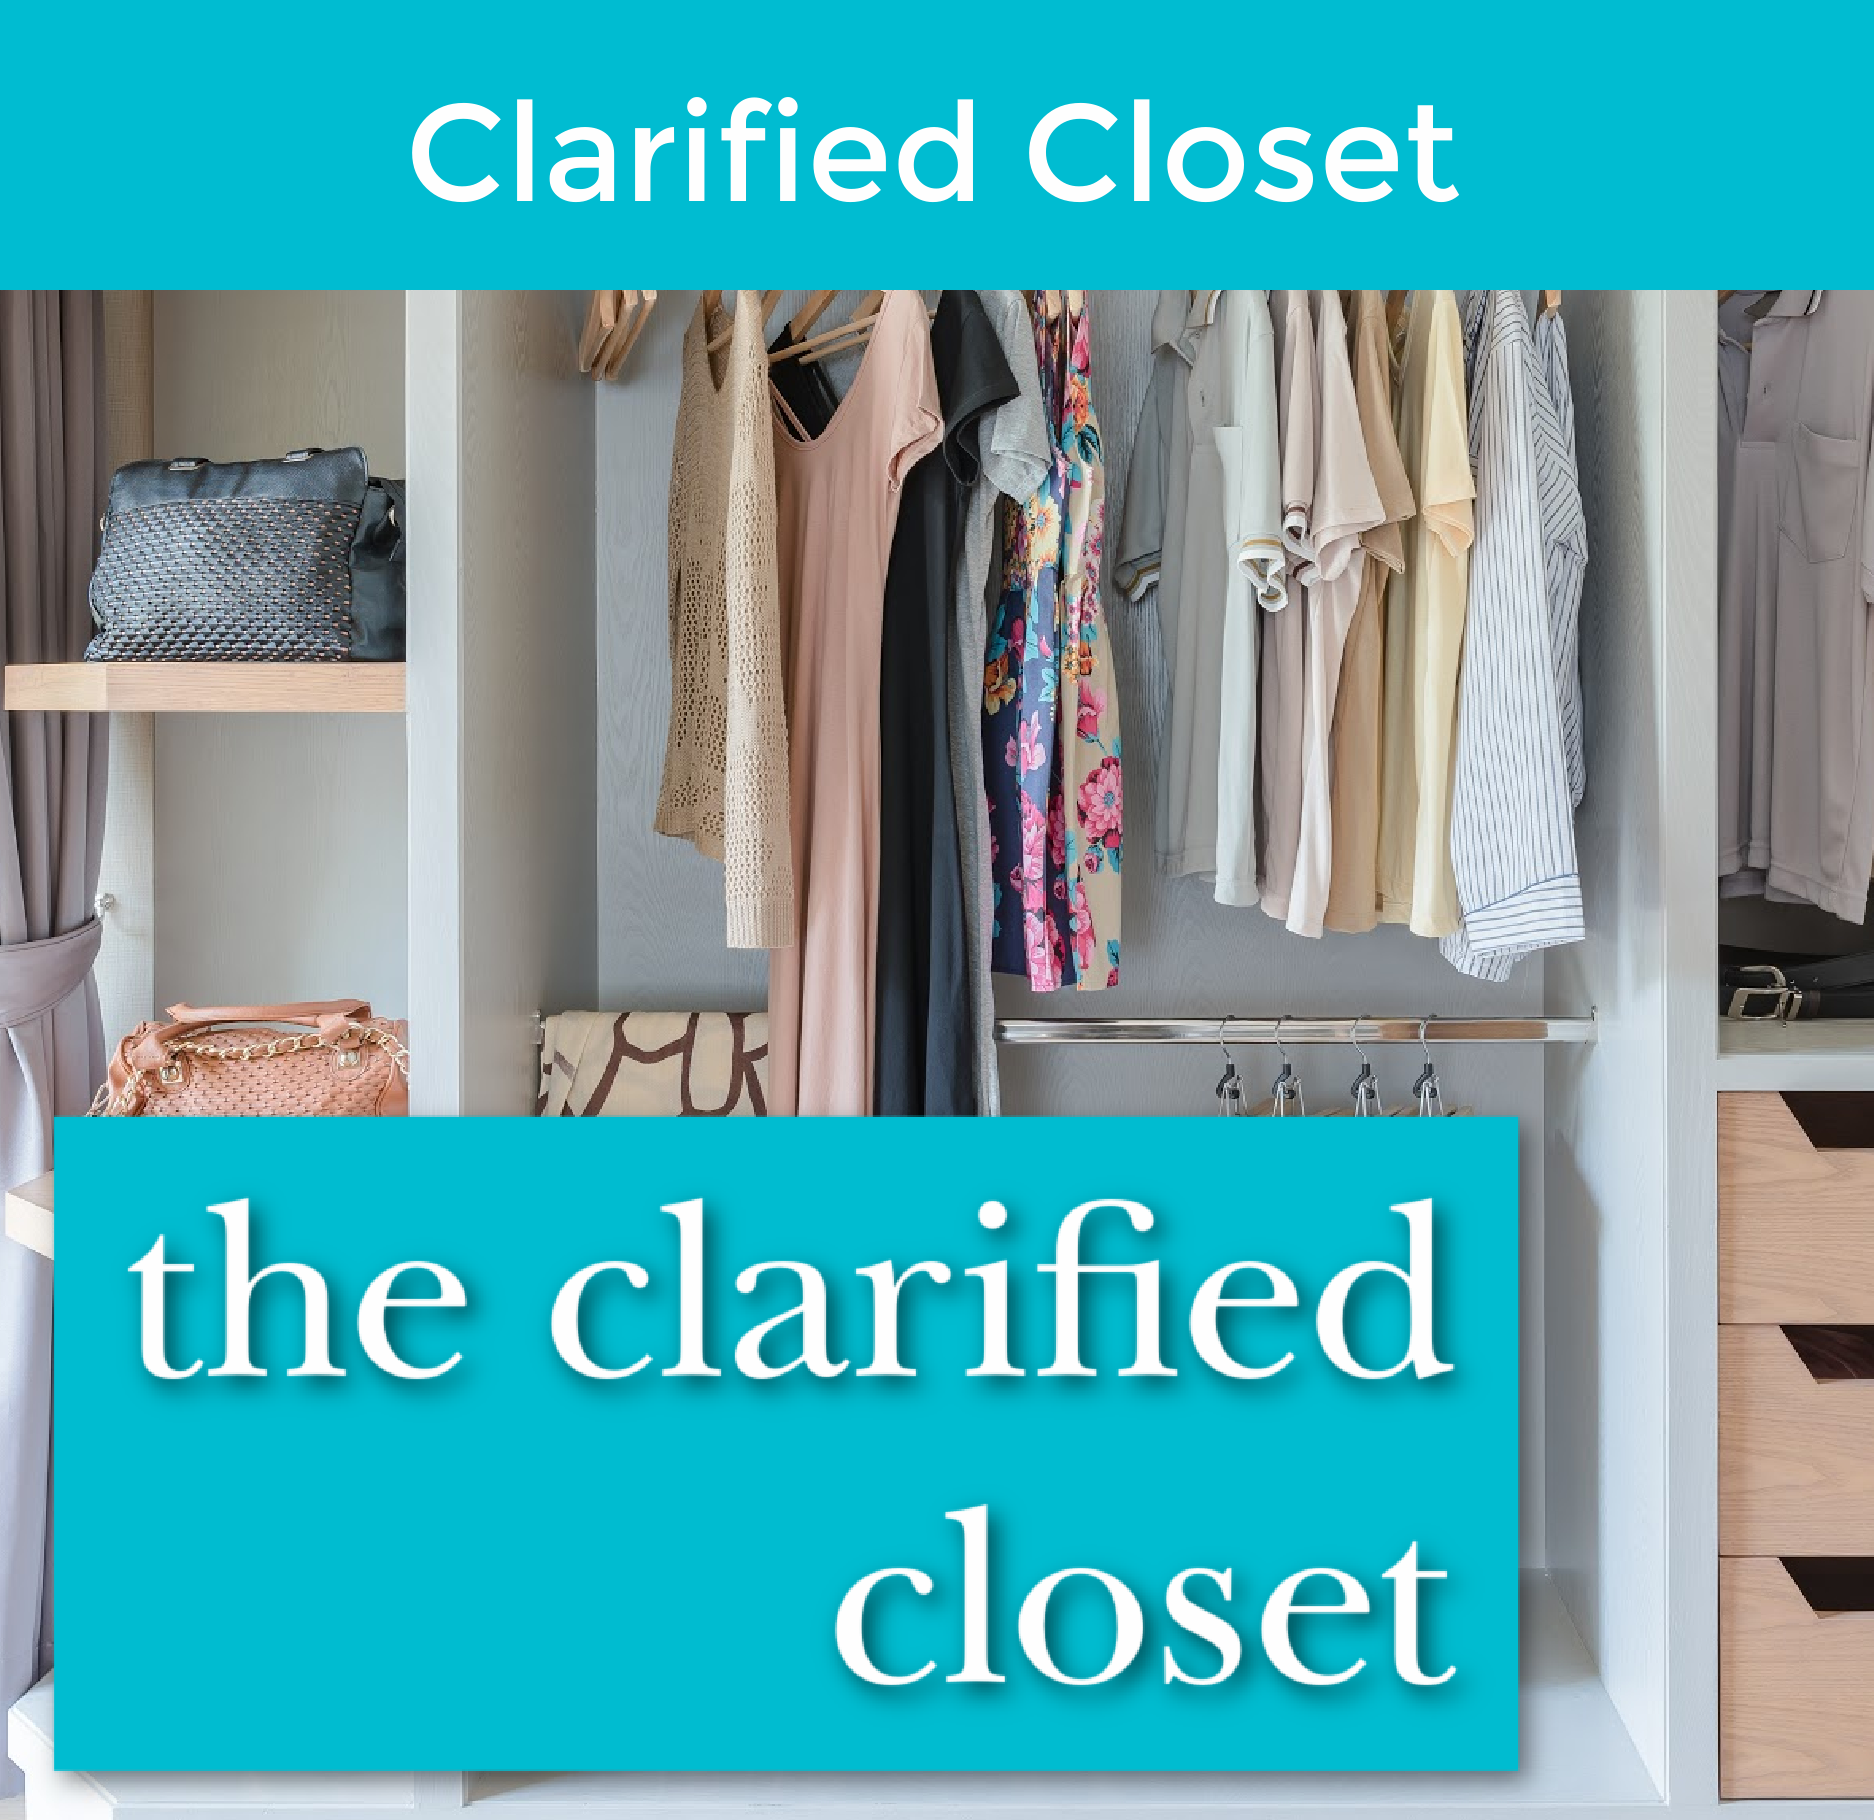 clarified closet